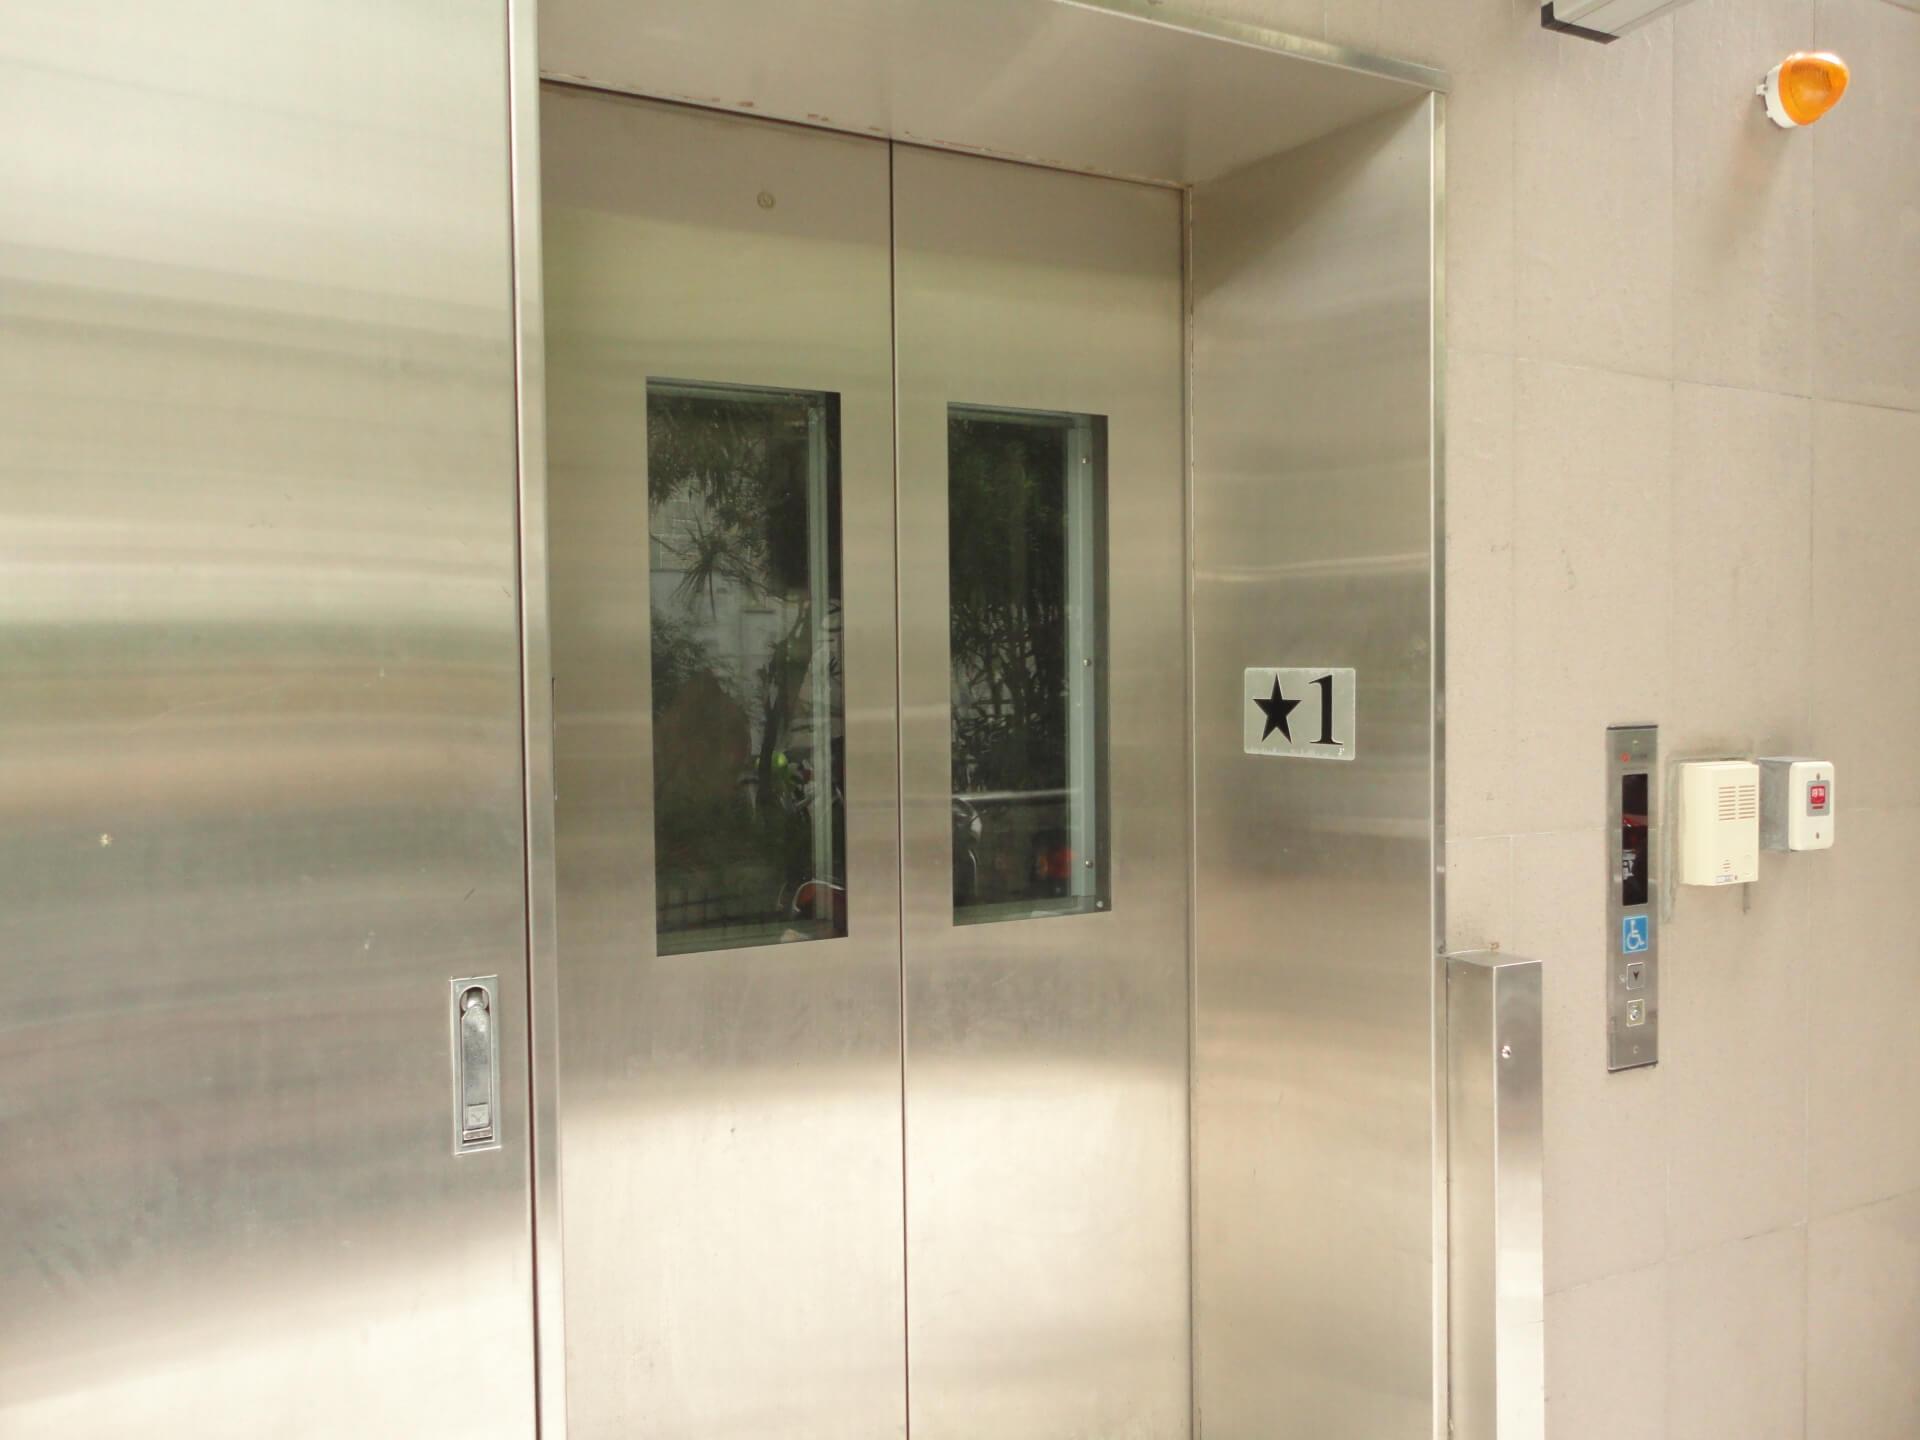 【震災時】エレベーターに閉じこめられた時の対処法